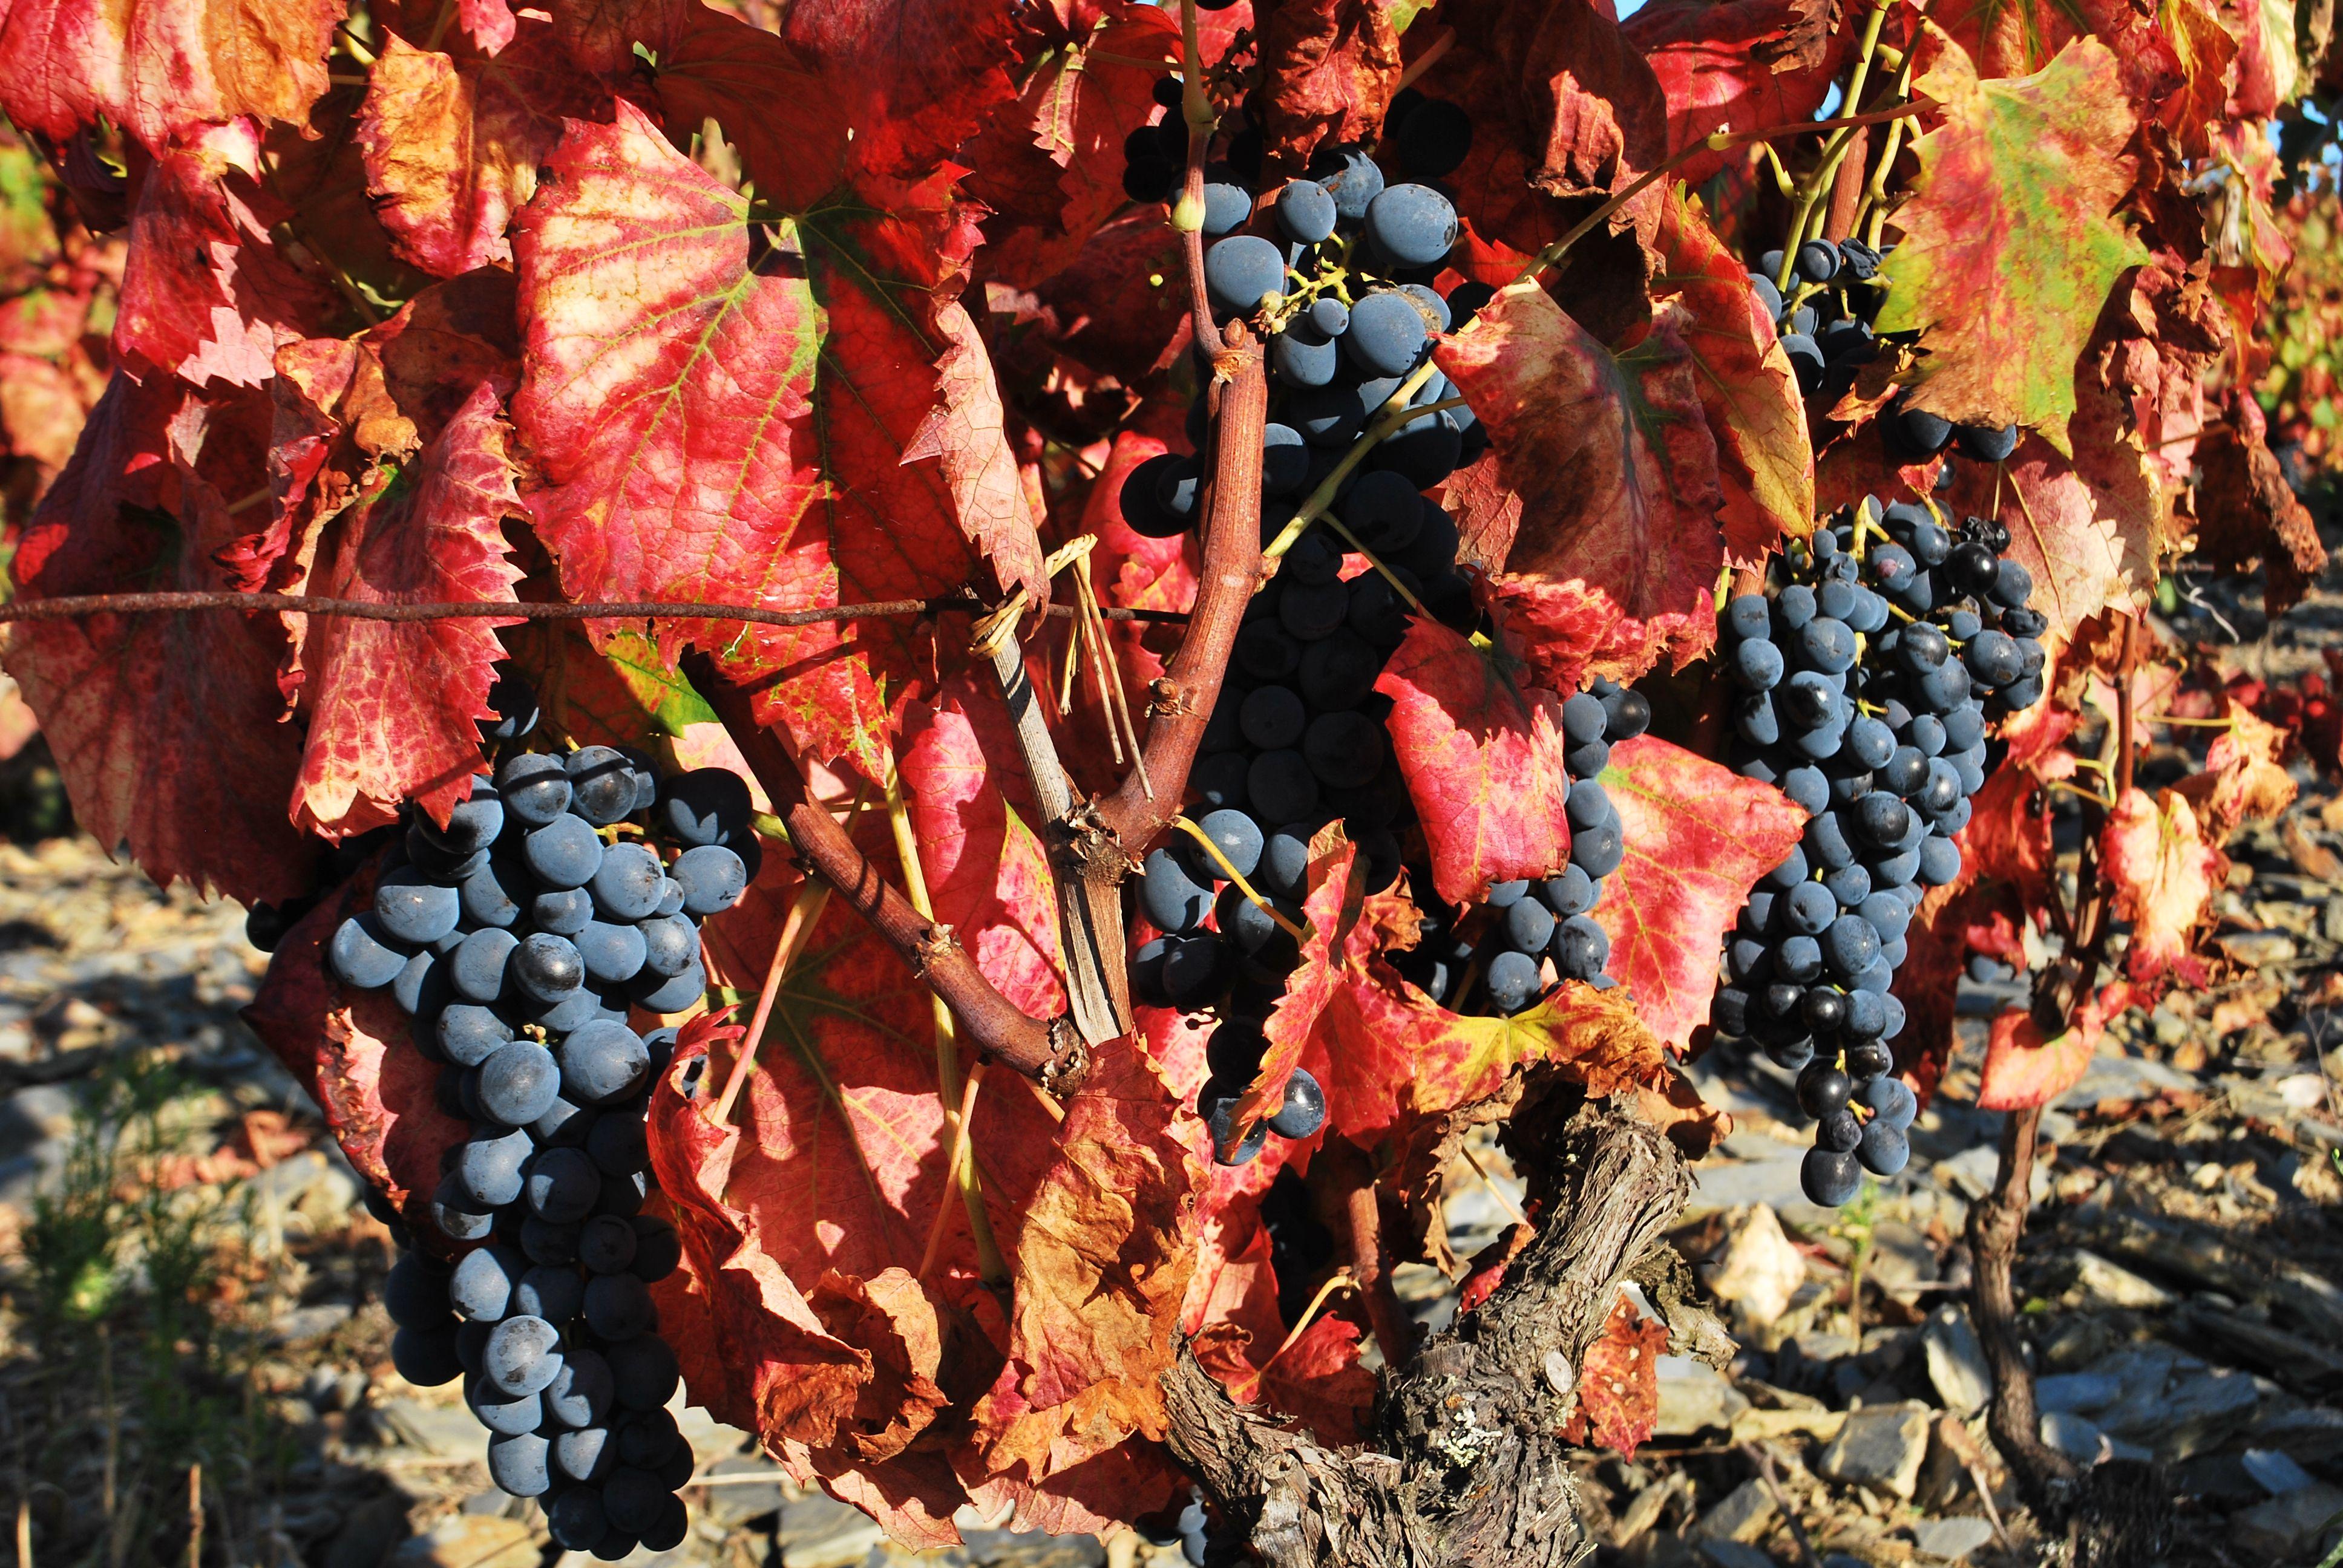 Porto Ribeira Douro Portugal Braga Lisboa Pilgrim Albergue Coimbra Wine Fado Gaia Douro Portugal Ribe